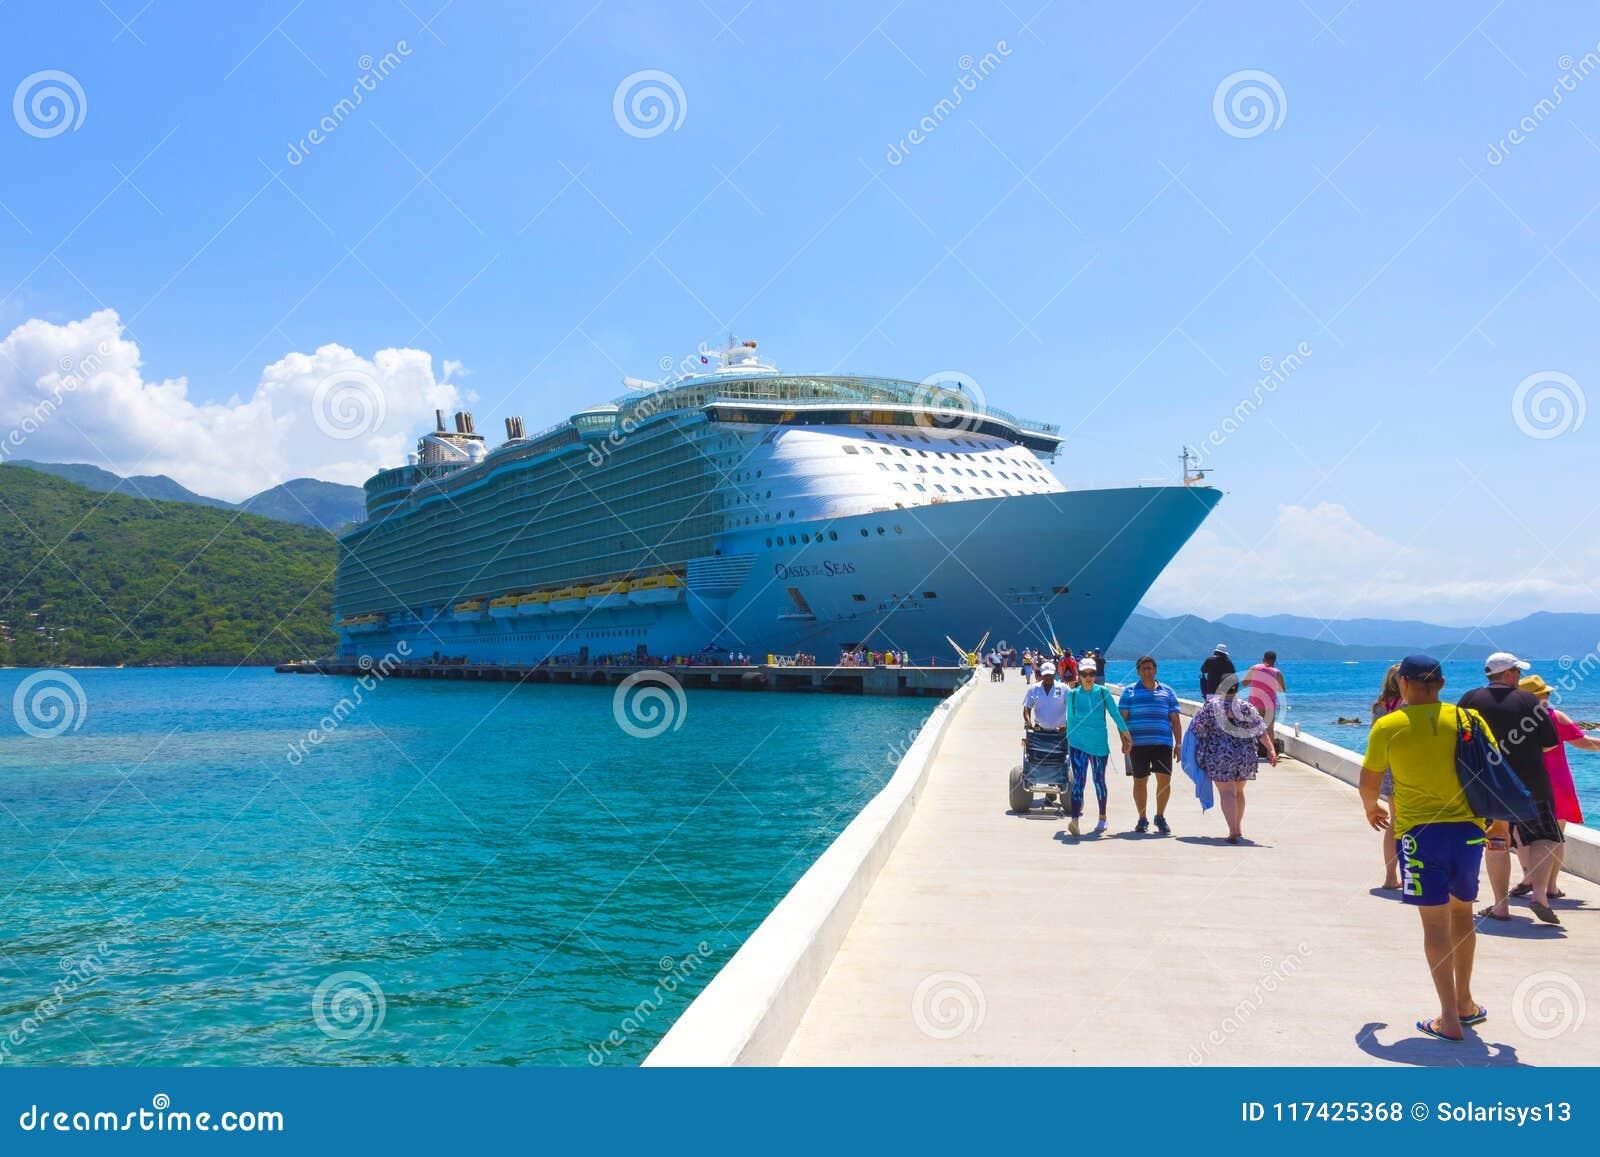 labadee, haiti - may 01, 2018: royal caribbean cruise ship oasis of